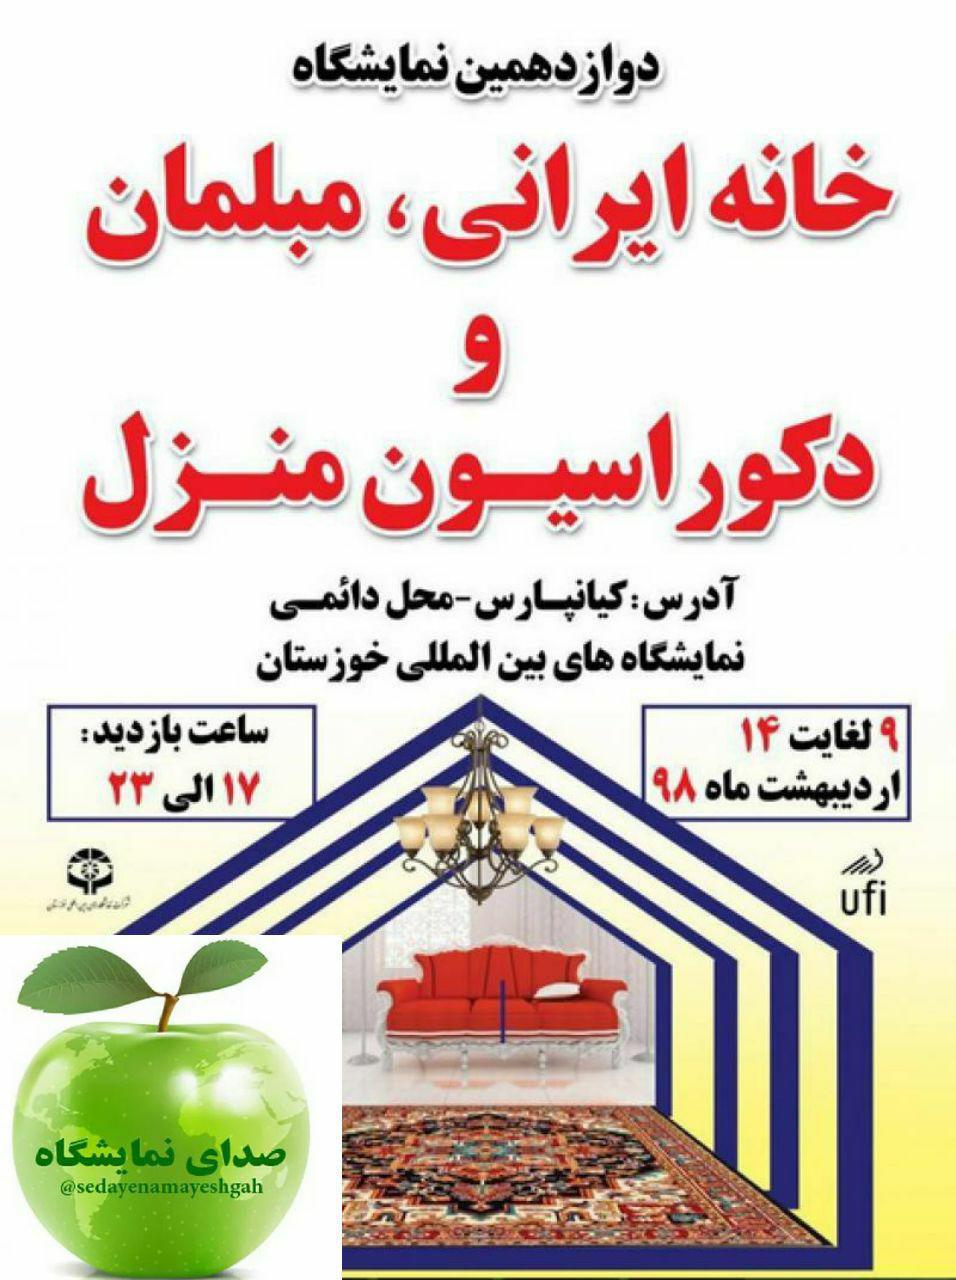 غرفه سازی در دوازدهمین نمایشگاه خانه ایرانی ، مبلمان و دکوراسیون داخلی